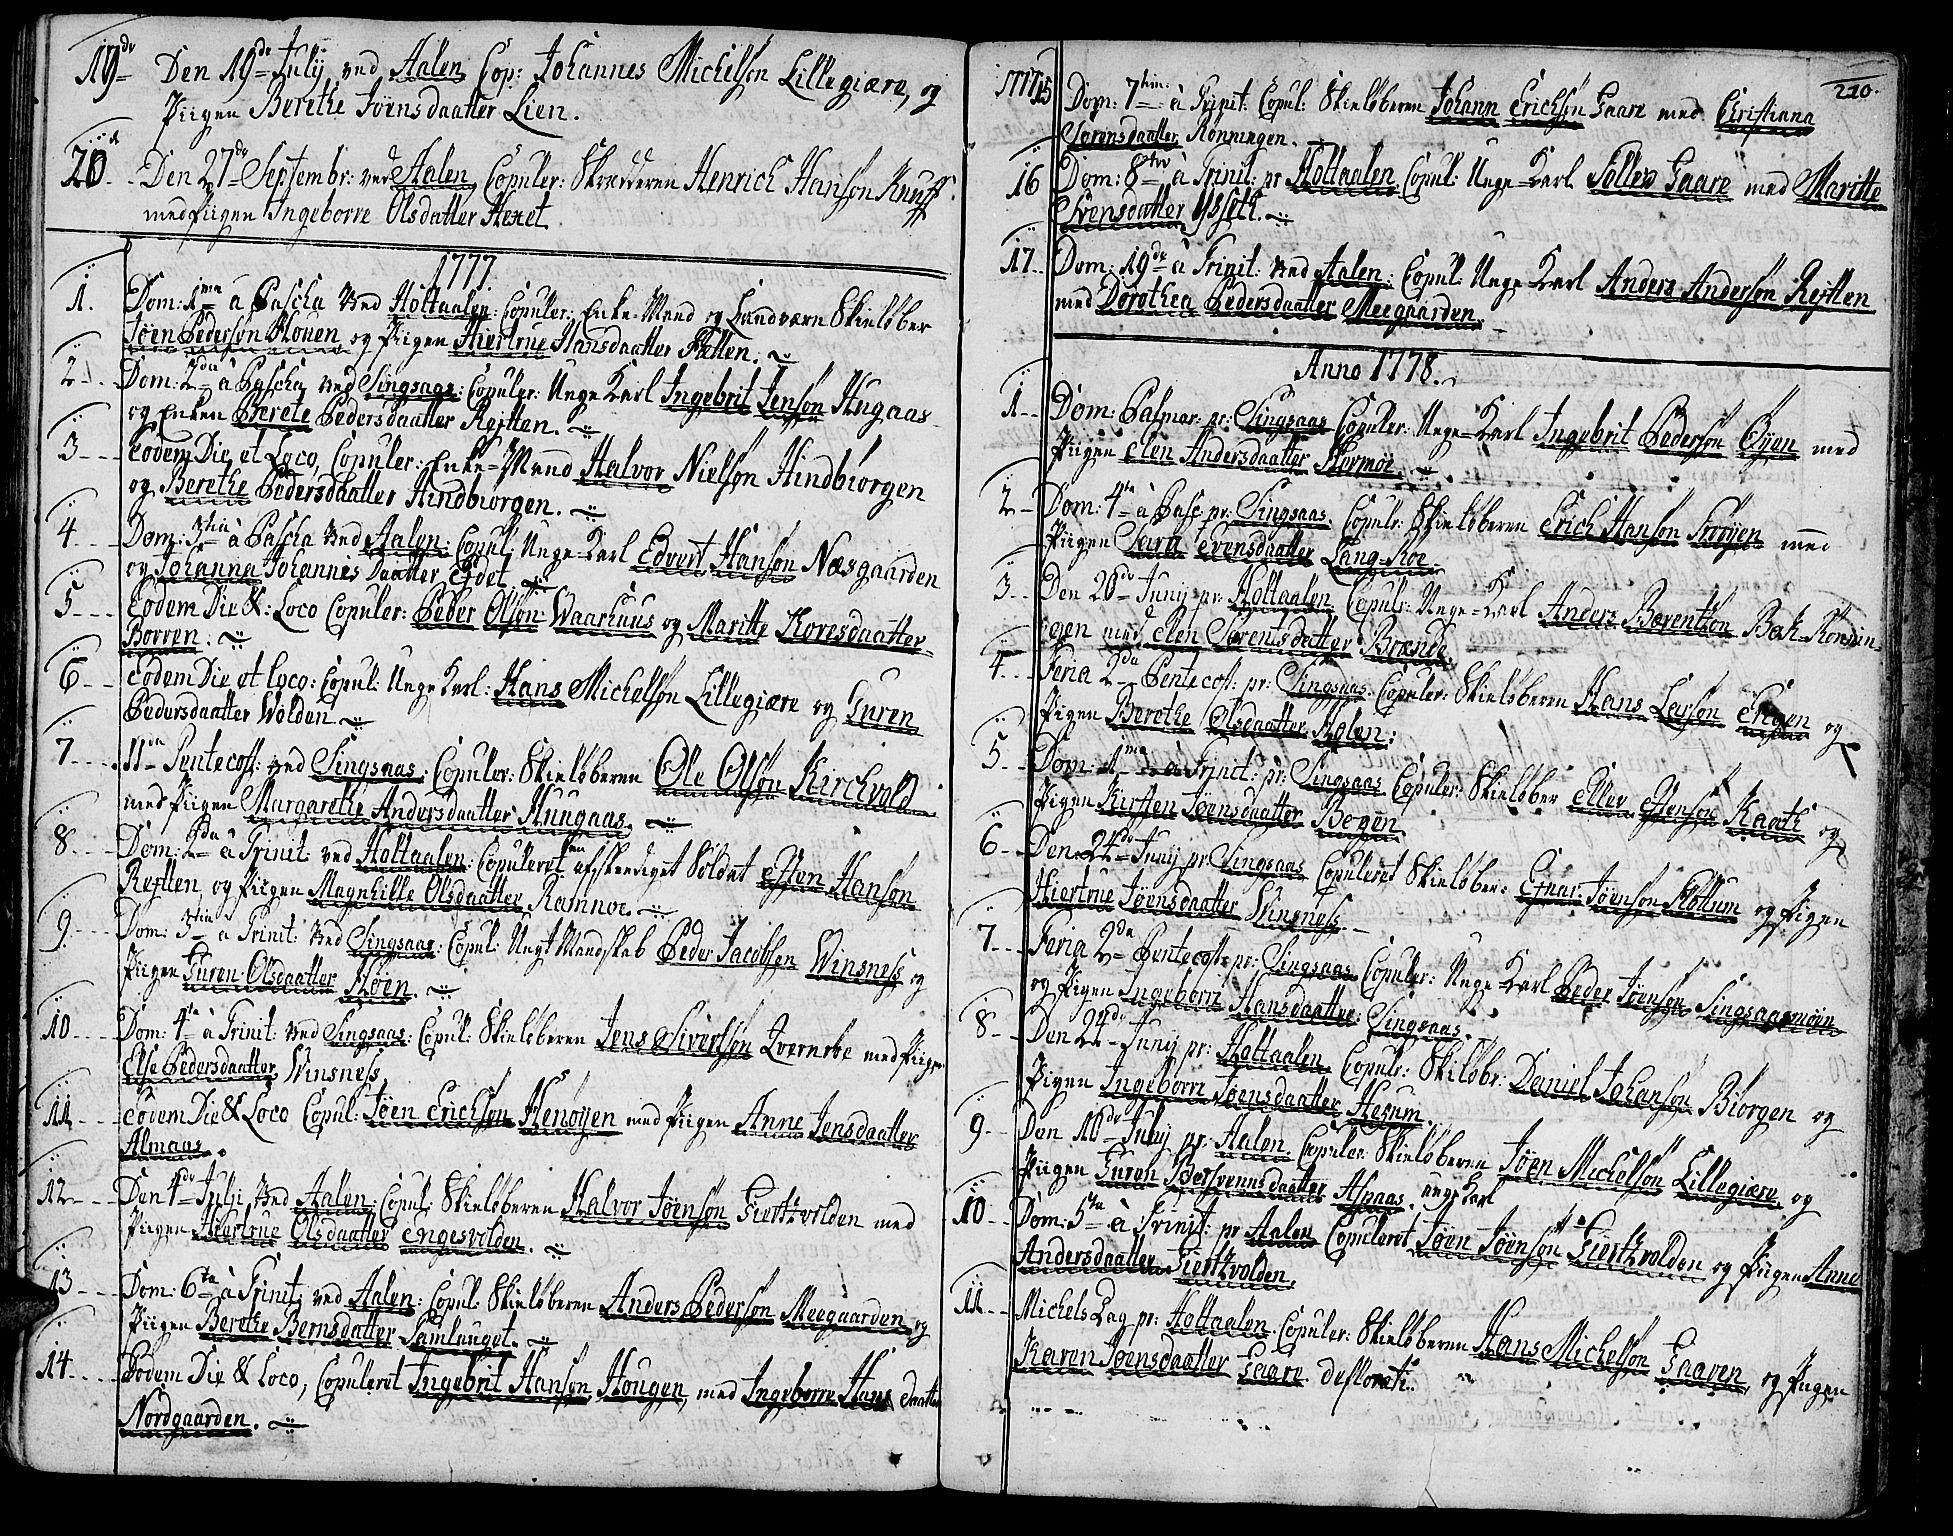 SAT, Ministerialprotokoller, klokkerbøker og fødselsregistre - Sør-Trøndelag, 685/L0952: Ministerialbok nr. 685A01, 1745-1804, s. 210